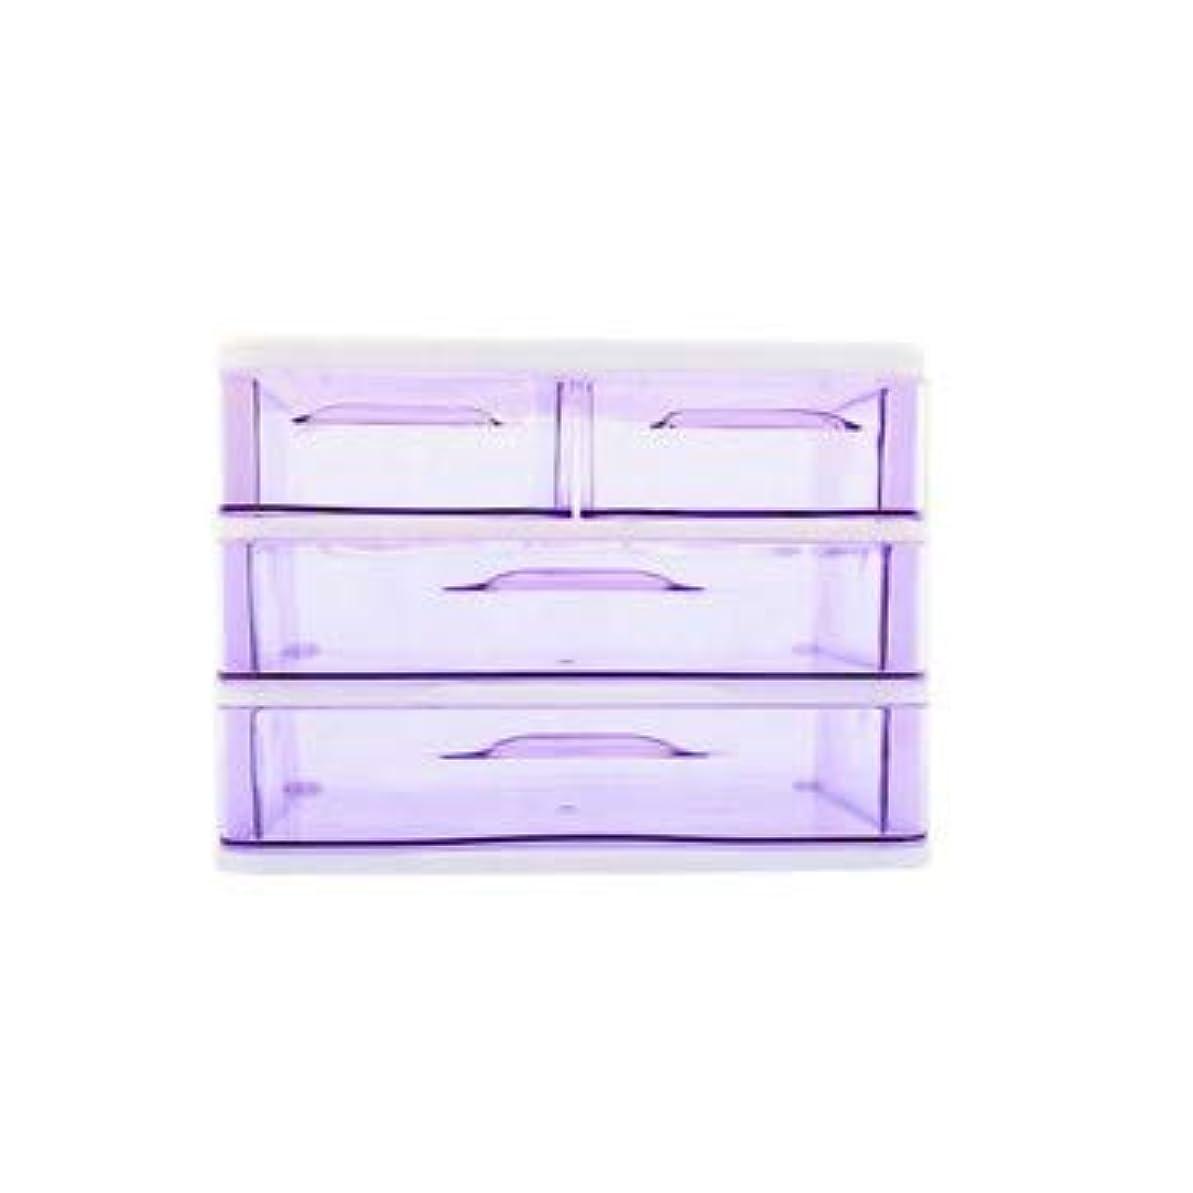 量ばかブレーキクリエイティブ収納ボックス三層プラスチック化粧品収納ボックスデスクトップ引き出し型仕上げボックス収納ボックス化粧箱 (Color : Purple)